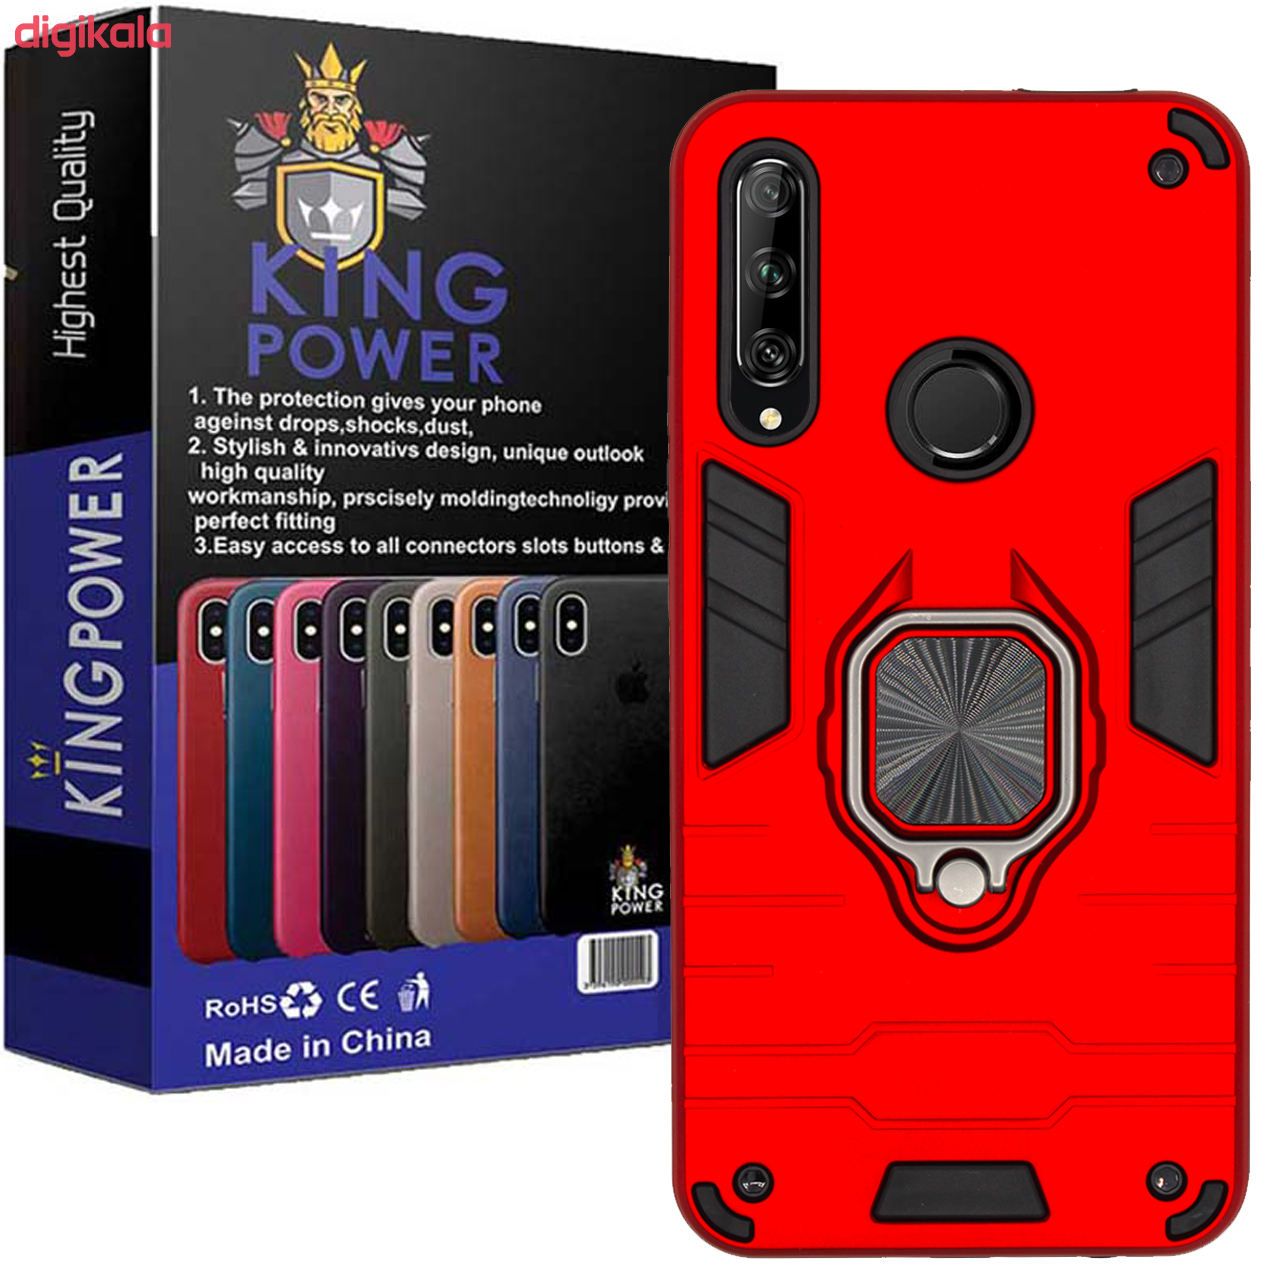 کاور کینگ پاور مدل ASH22 مناسب برای گوشی موبایل هوآوی Y9 Prime 2019 / آنر 9X main 1 2